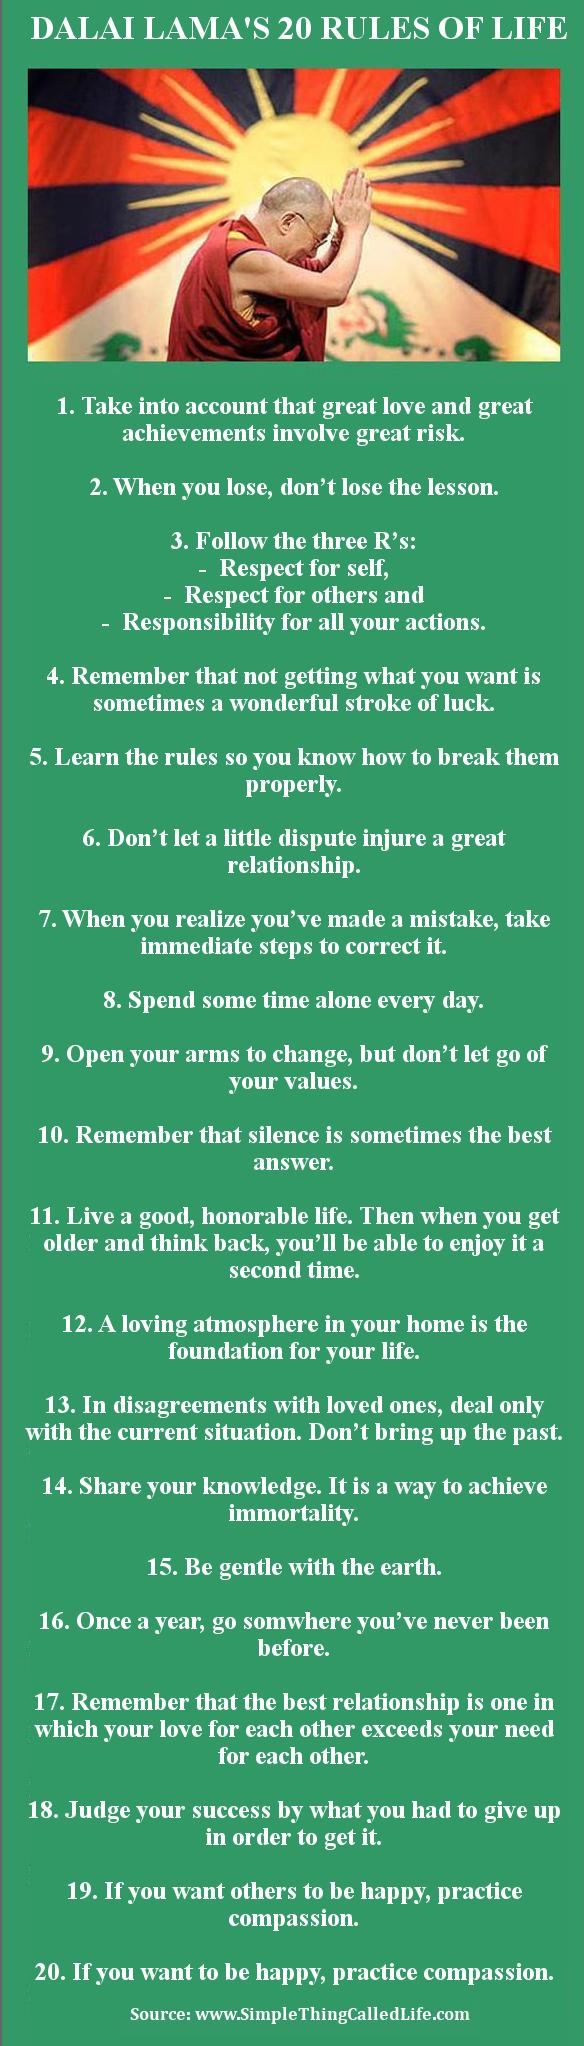 Dalai-Lamas-Rules-Of-Life